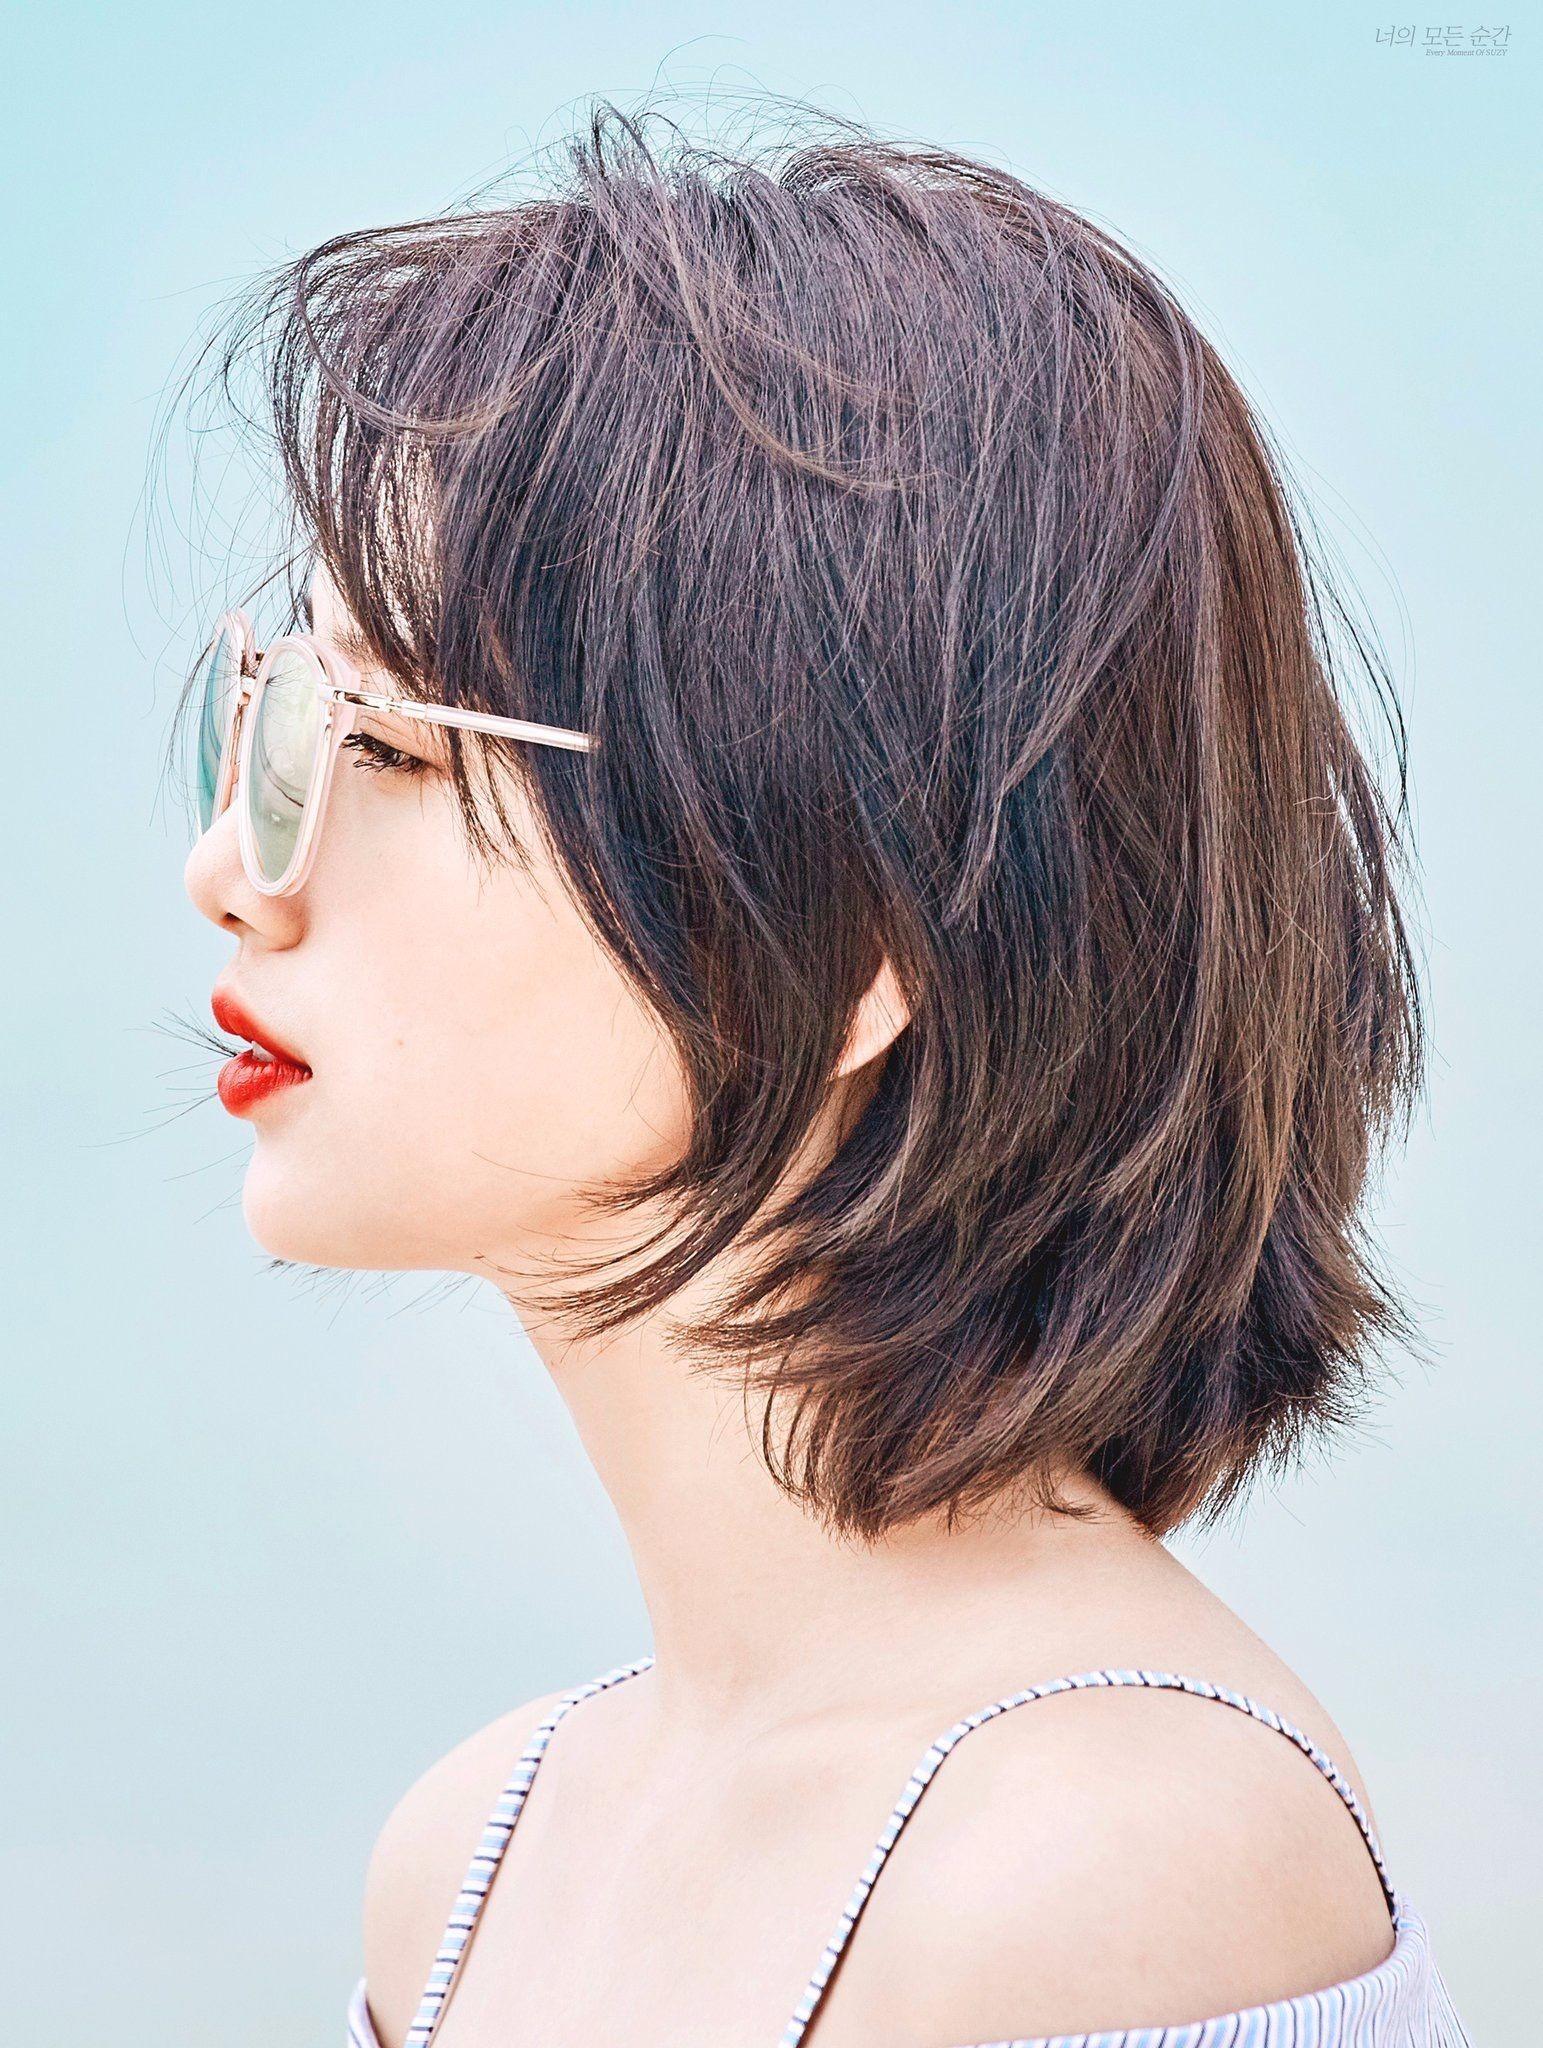 Red Velvet Short Hair Wallpapers Wallpaper Cave